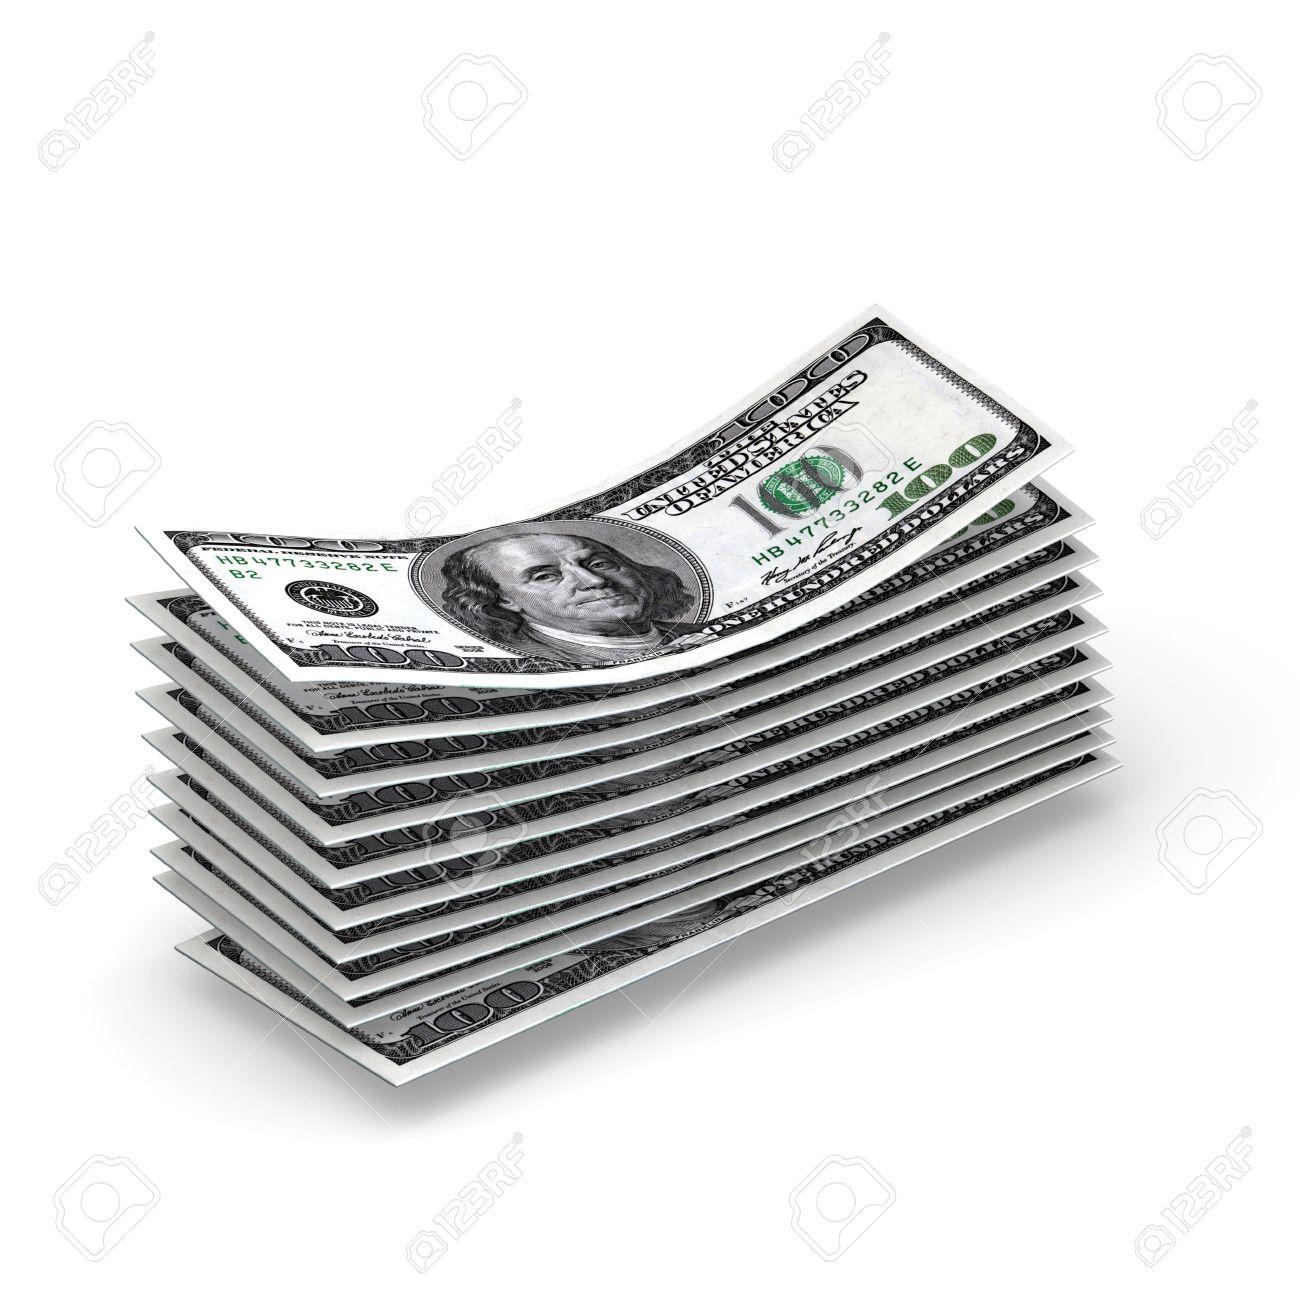 Cash flow - dollar bills computer render Stock Photo - 15514994